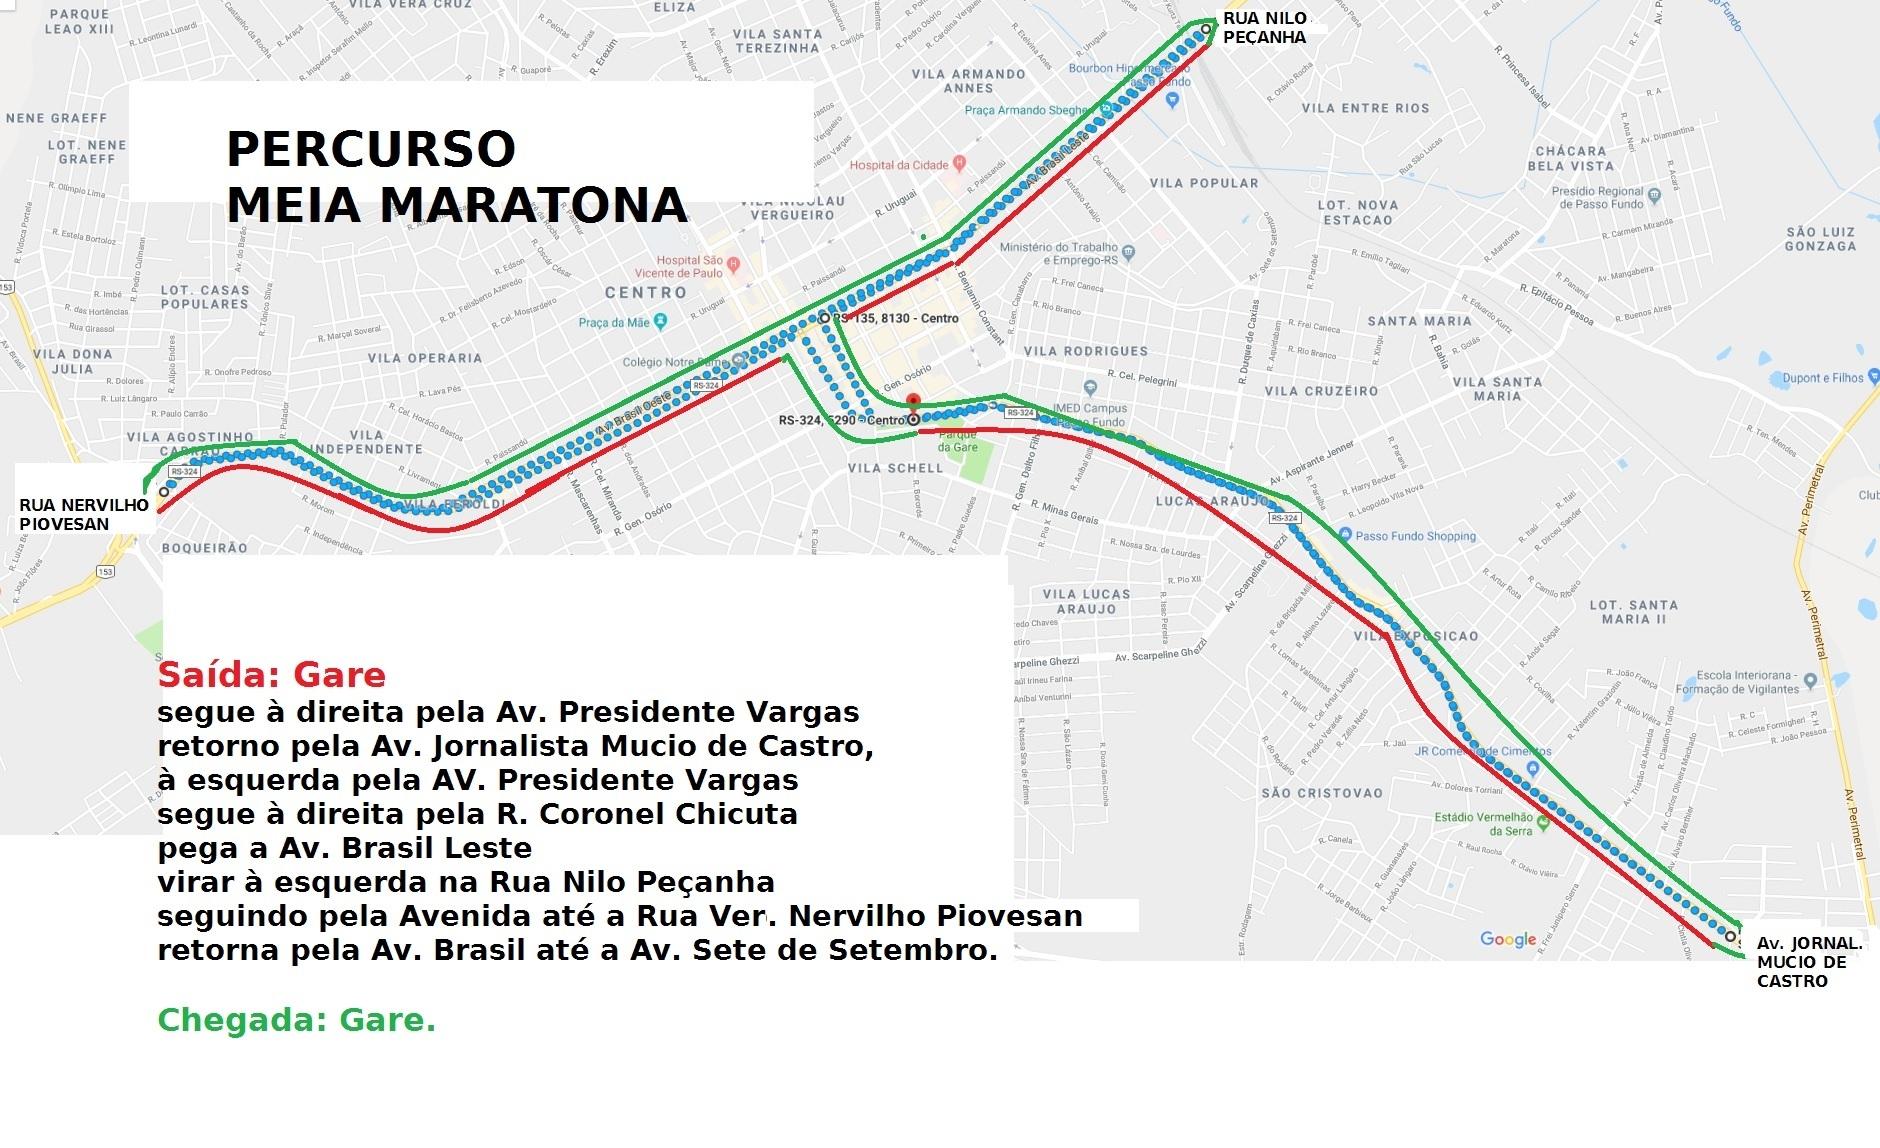 Percurso Meia Maratona